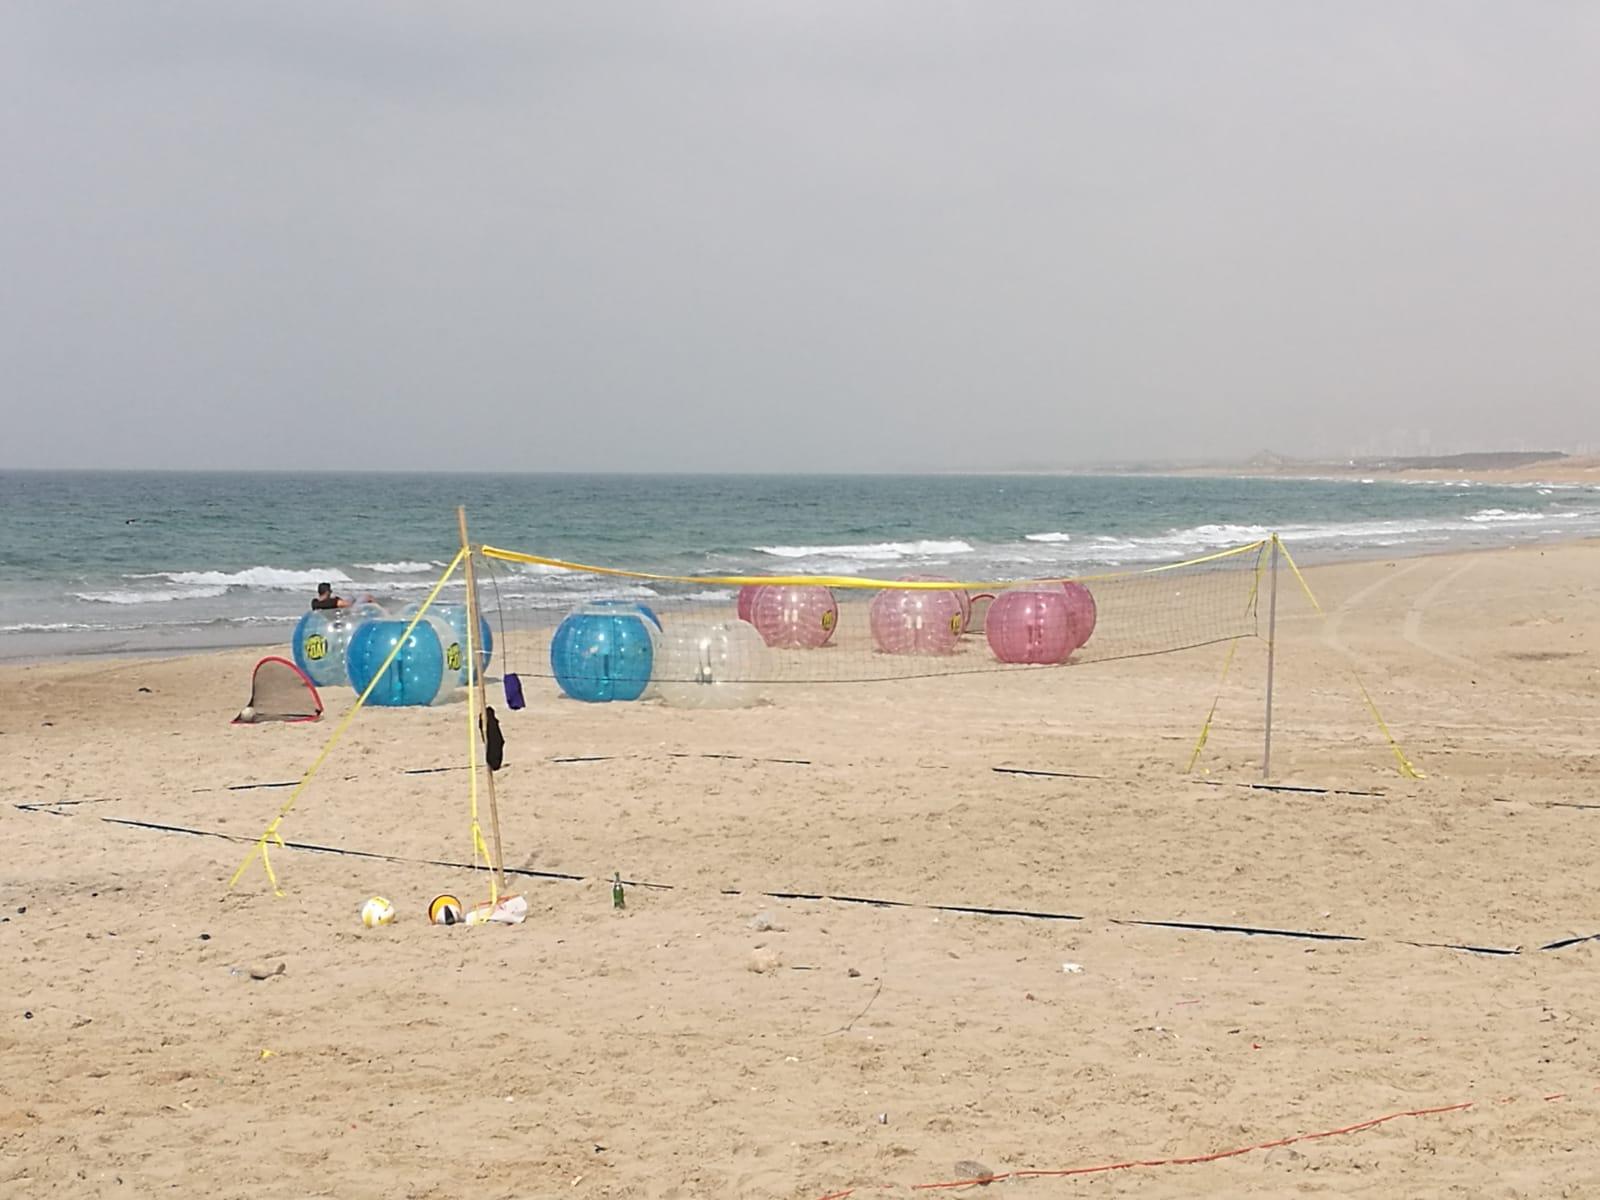 פעילות ספורטיבית בים